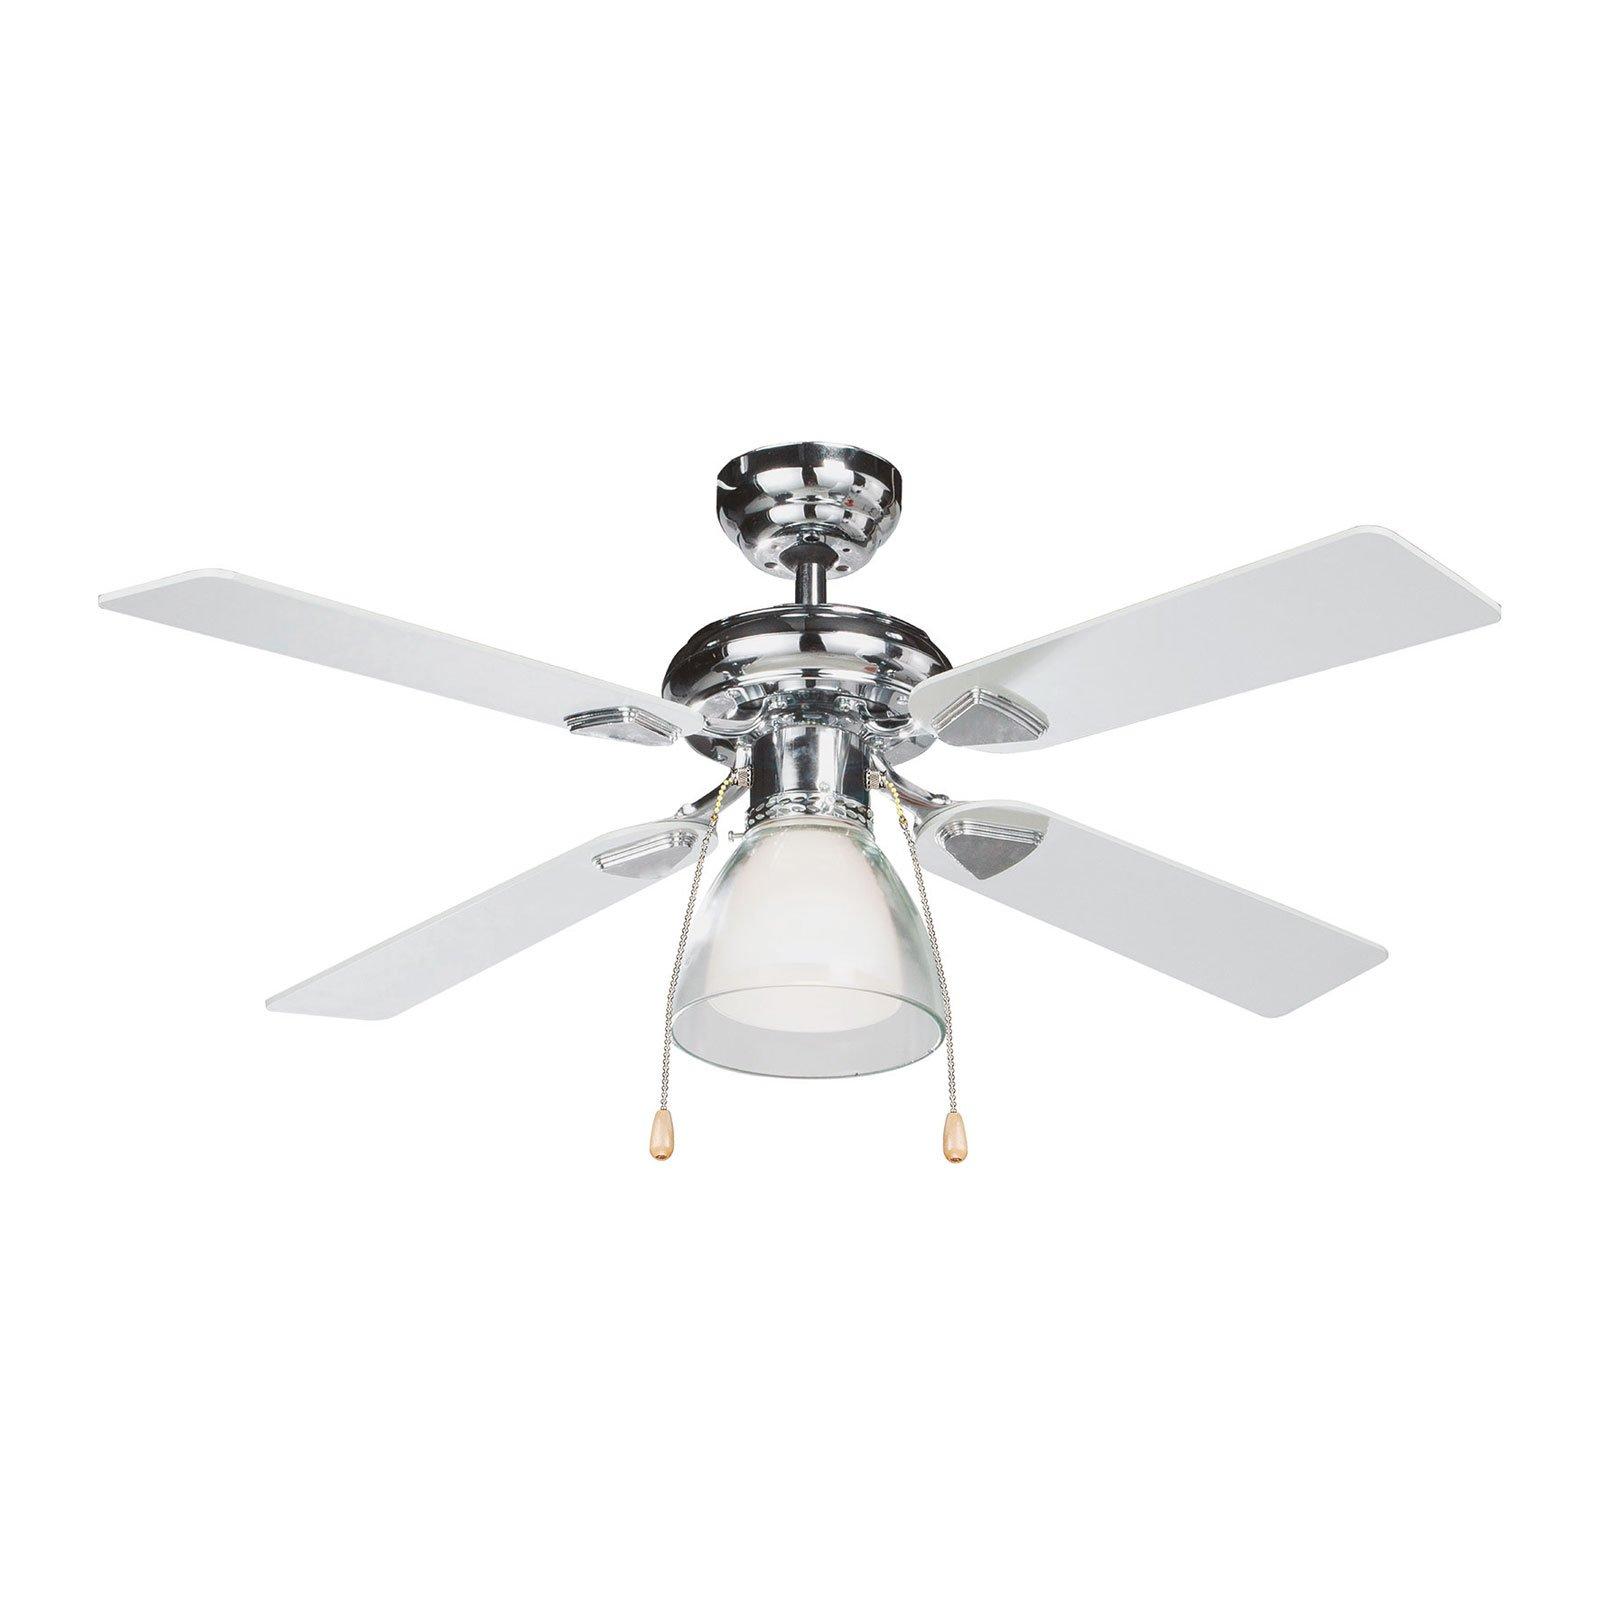 Leroy Merlin Lampadari Con Ventilatore.Ventilatori A Pale Aria Fresca Dall Alto Cose Di Casa